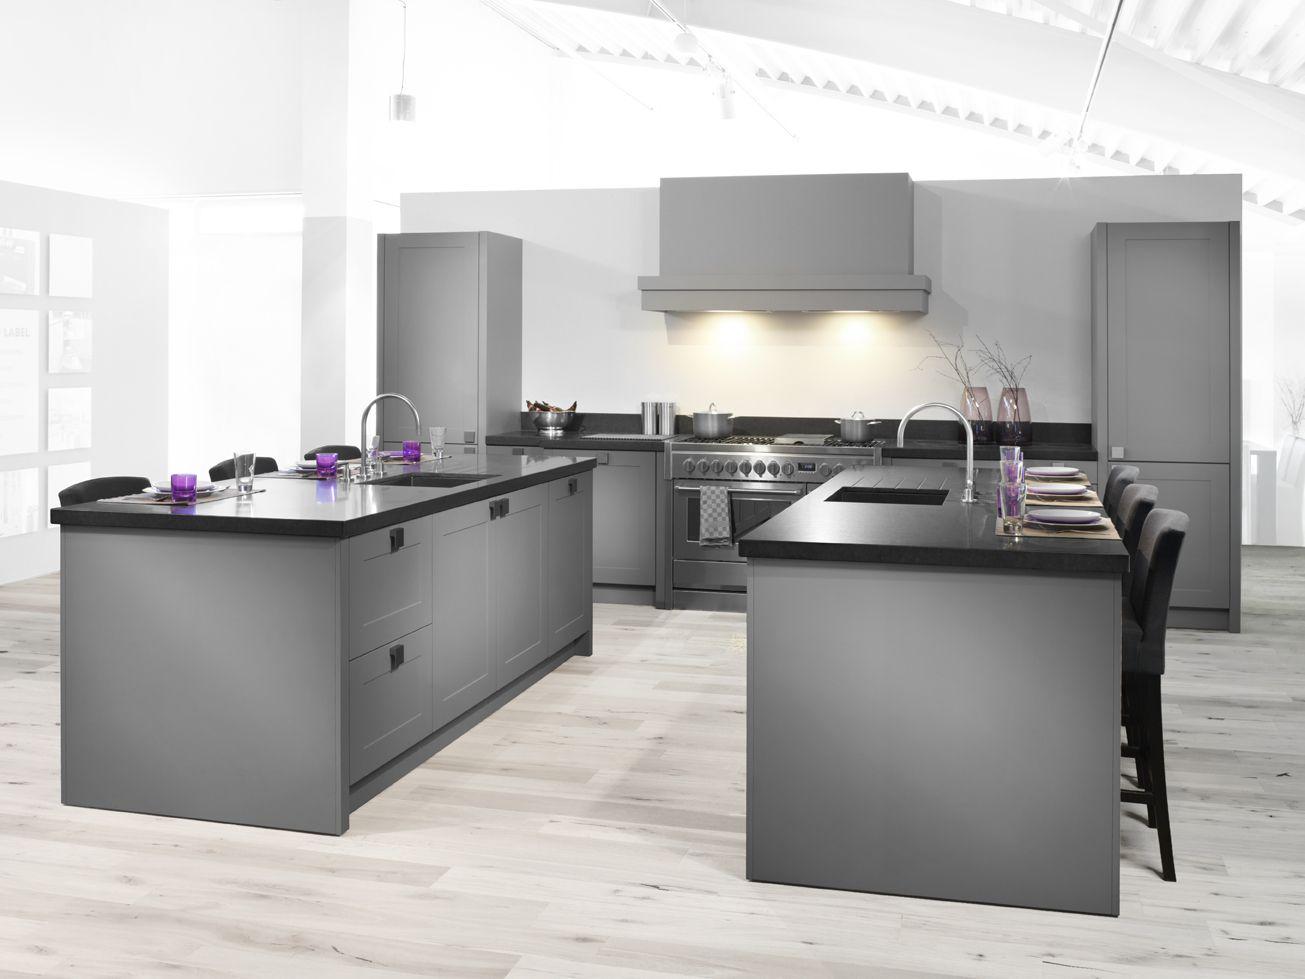 Grote Keuken Showroom : keukens voor zeer lage keuken prijzen Keller zeer grote keuken incl